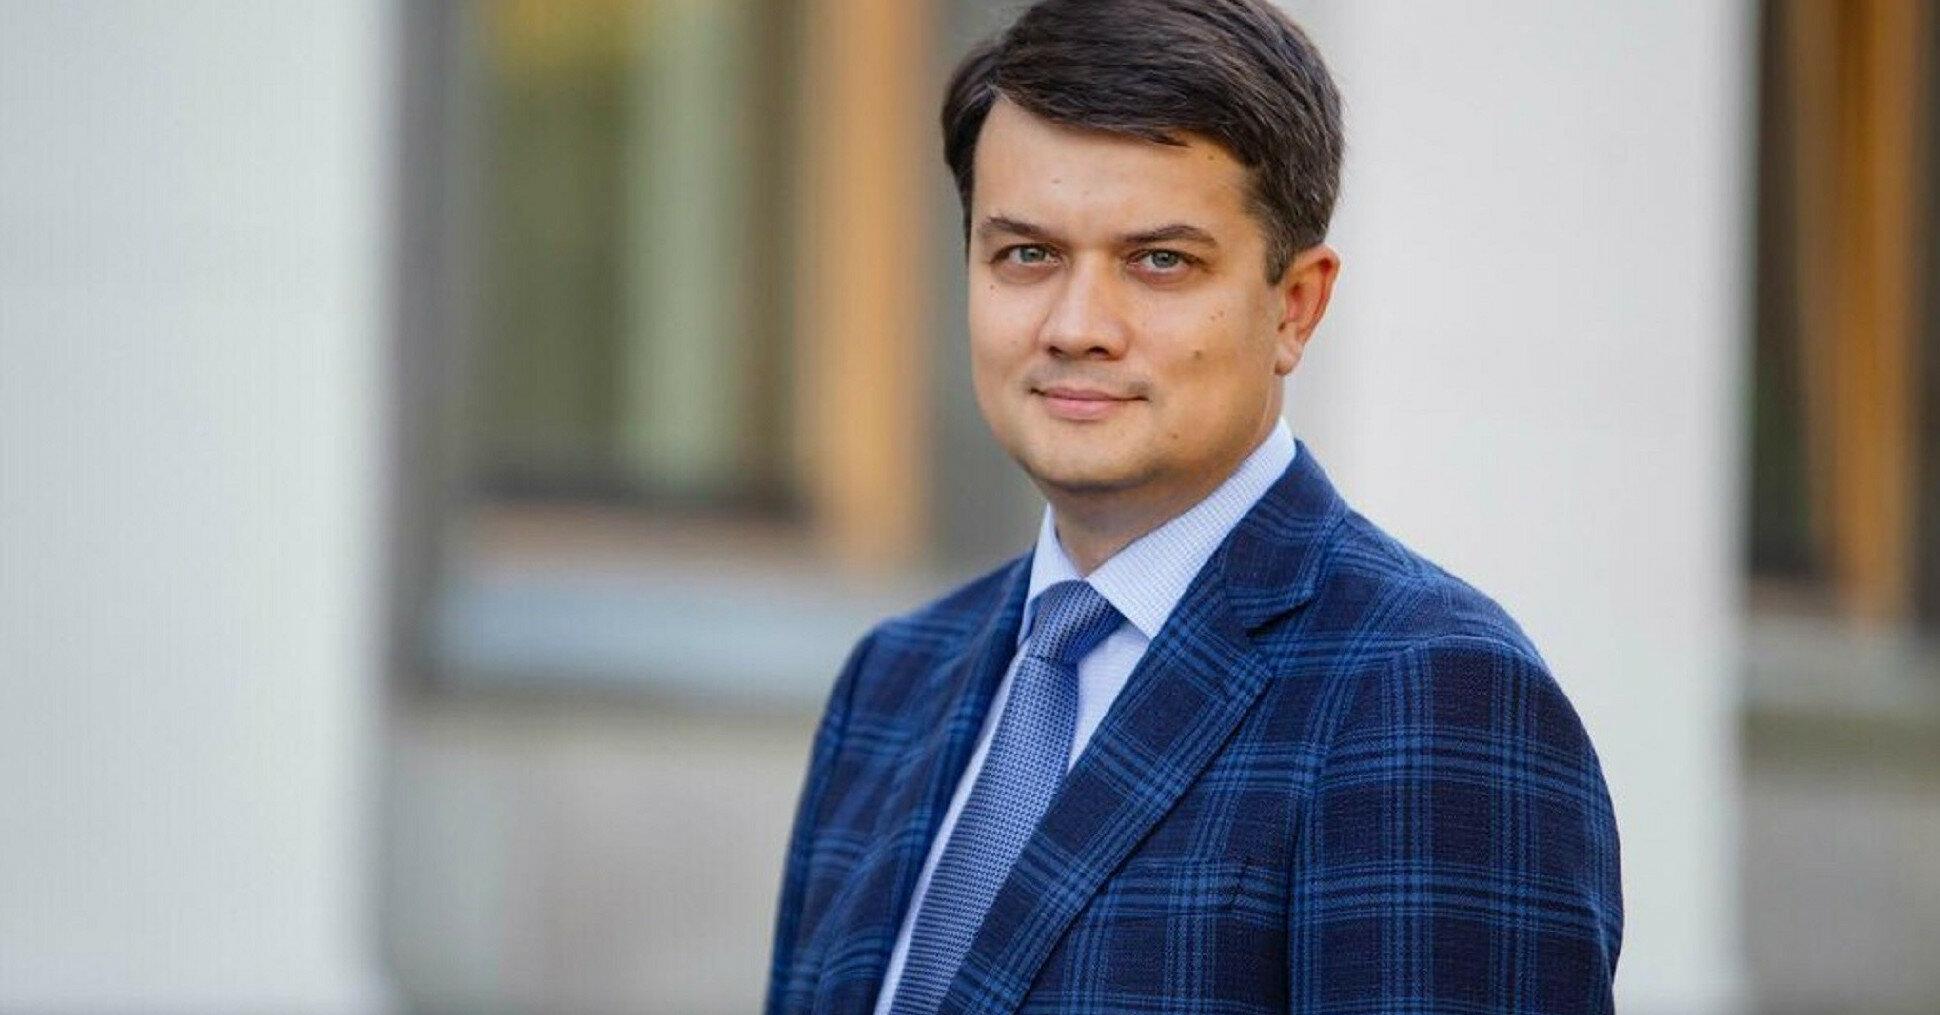 """Разумков считает неразумными заявления оппозиции о """"сносе власти"""""""